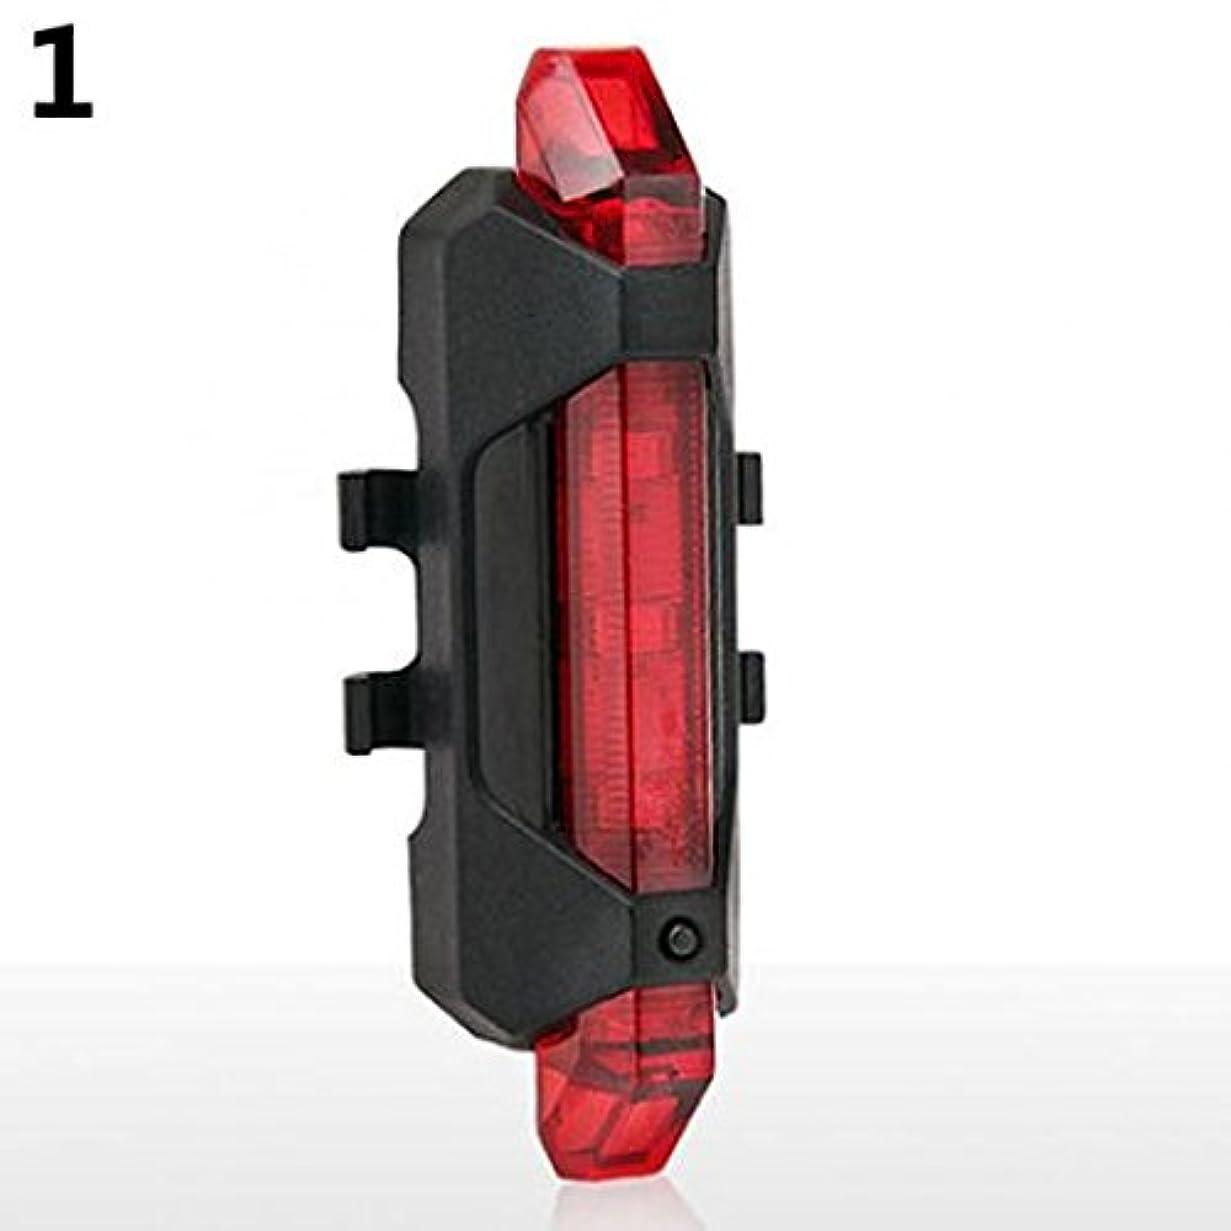 増強代理人軽蔑する新しい5つのLED USB充電式サイクリング自転車自転車後部安全テール警告灯